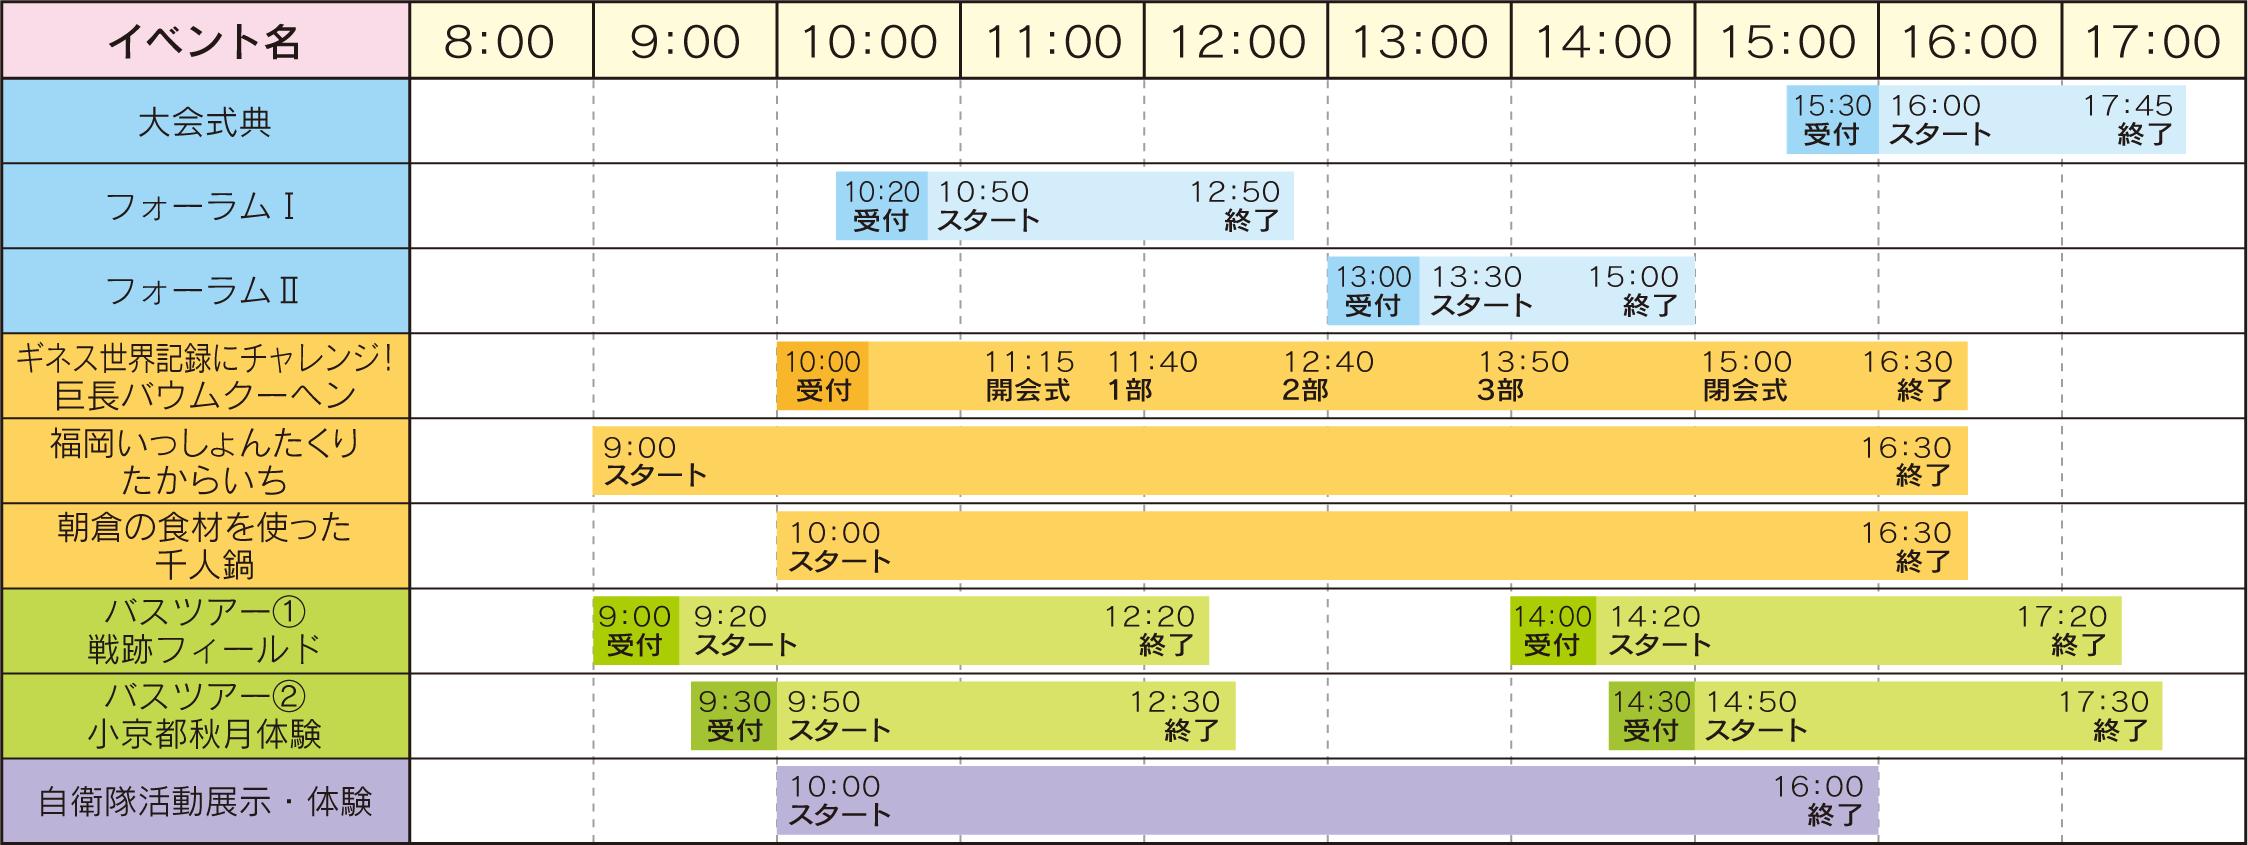 scheduleimg